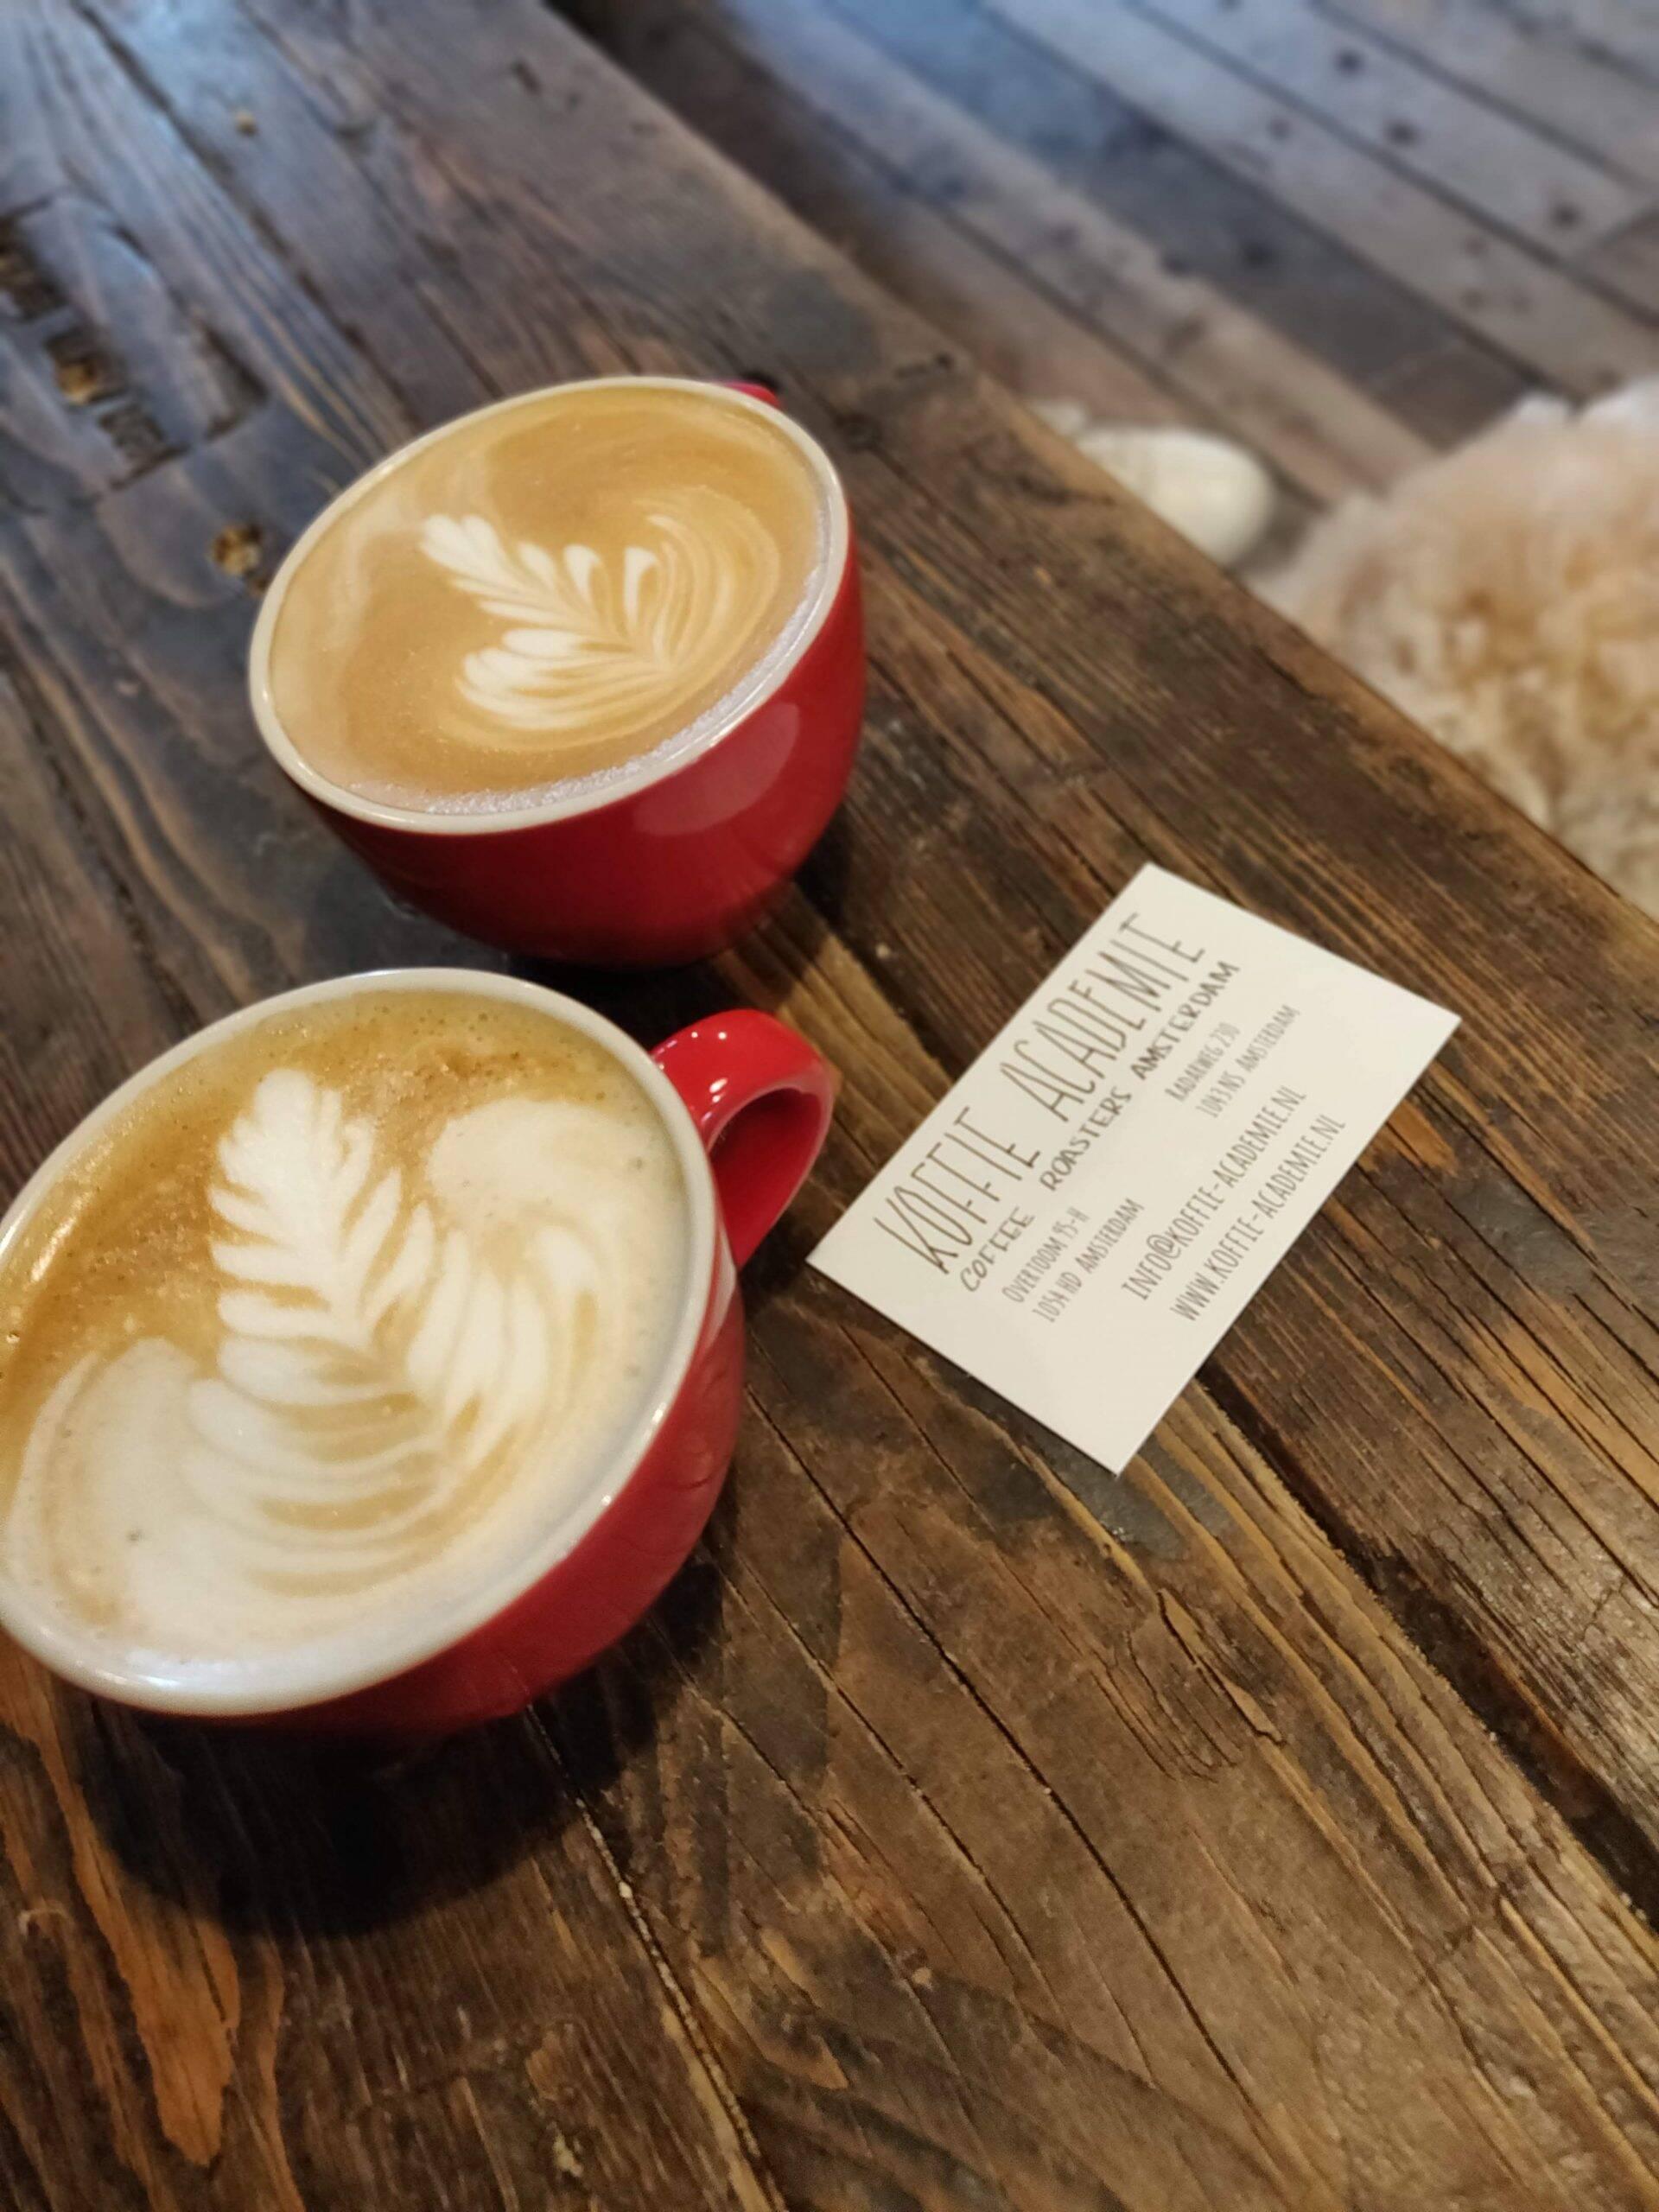 Koffie Academie in Amsterdam